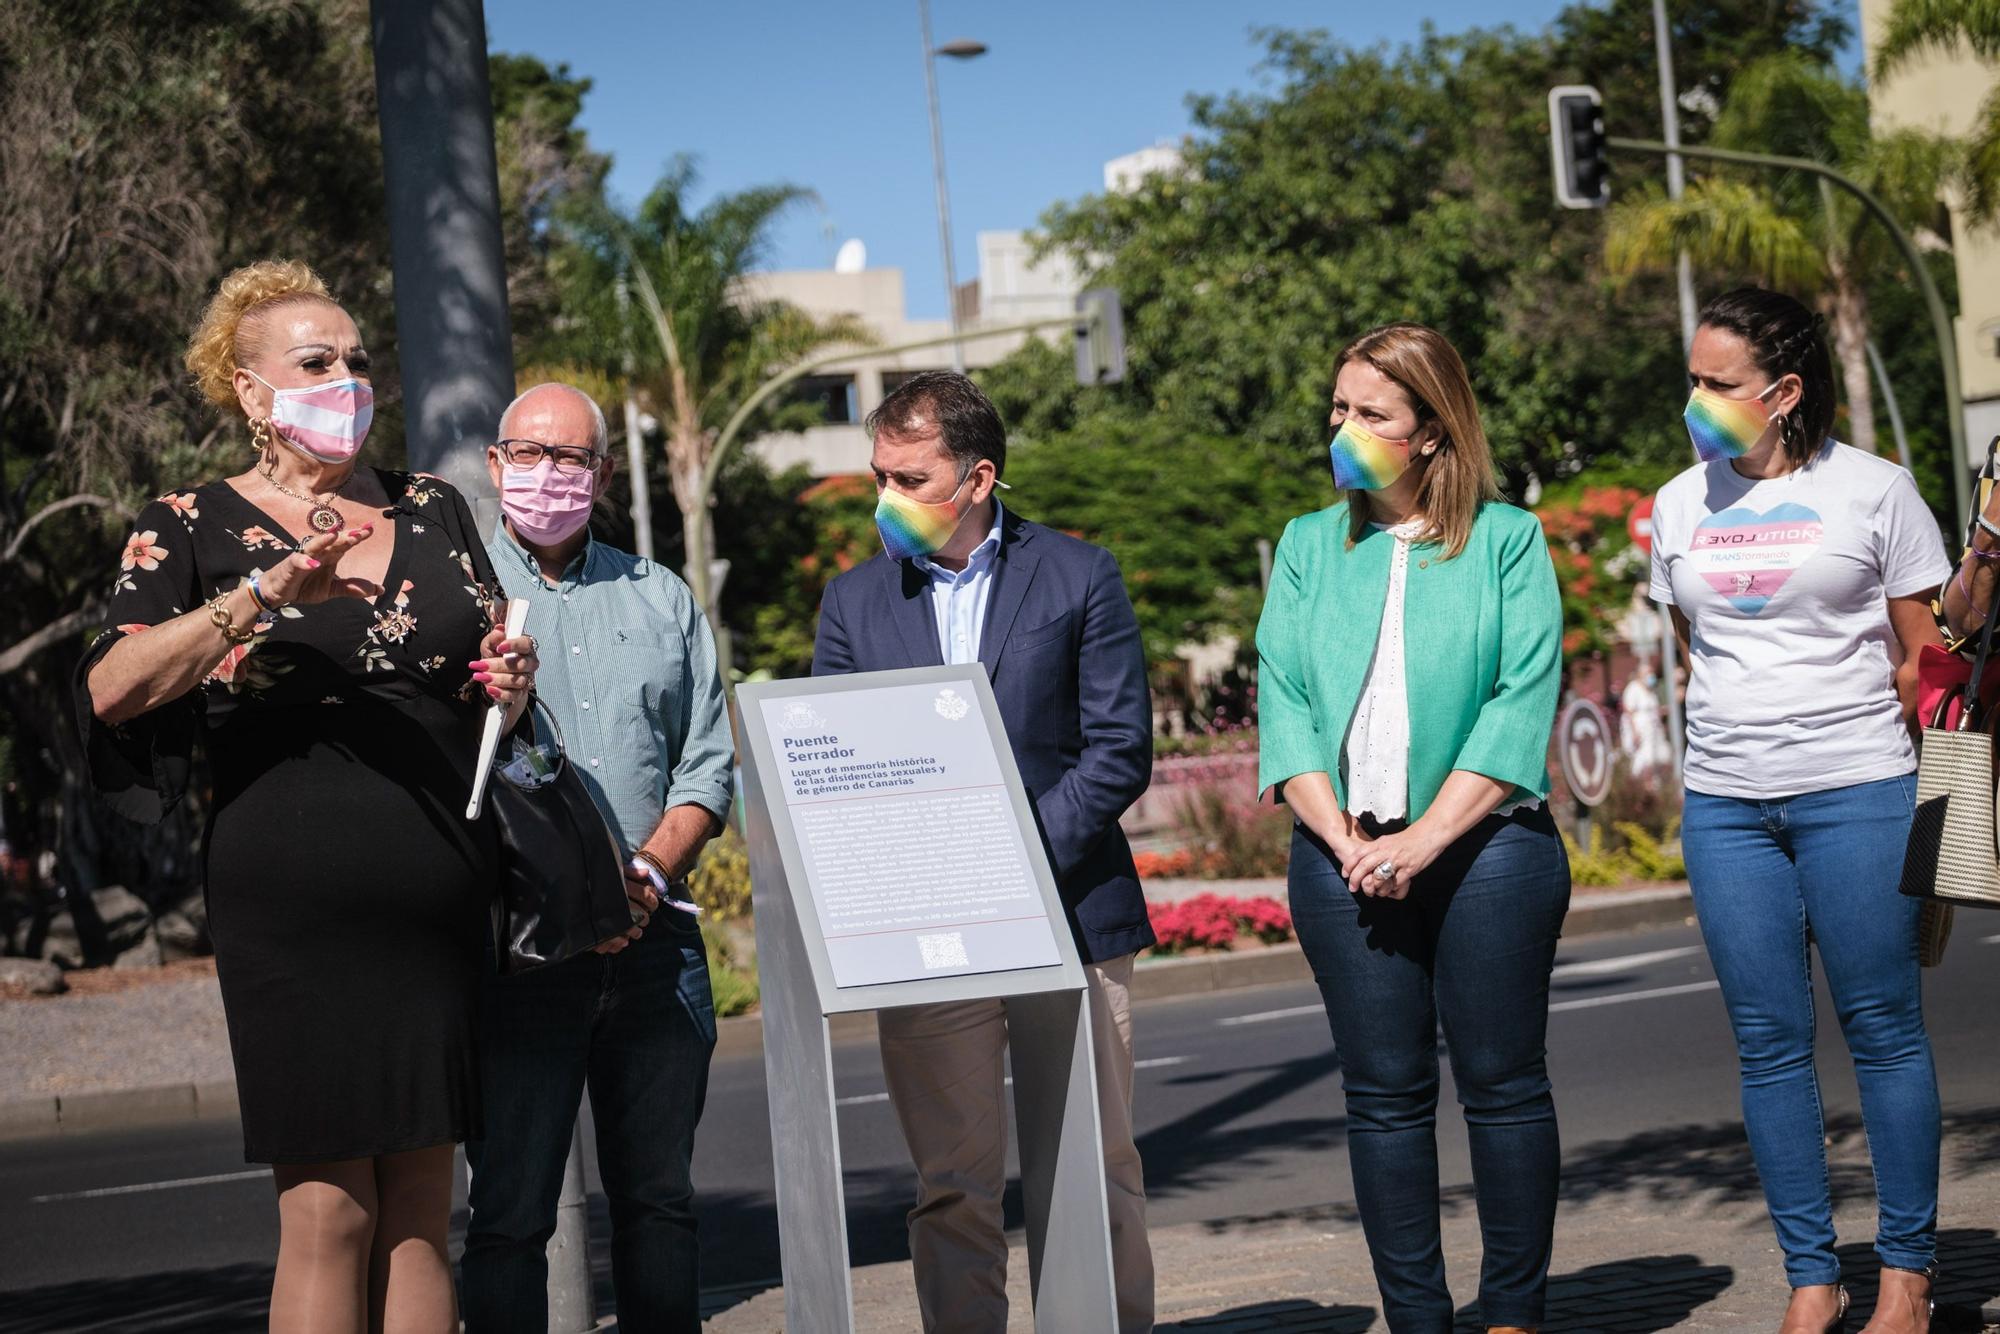 Inauguración de dos placas conmemorativas del día del orgulo LGTBIQ+